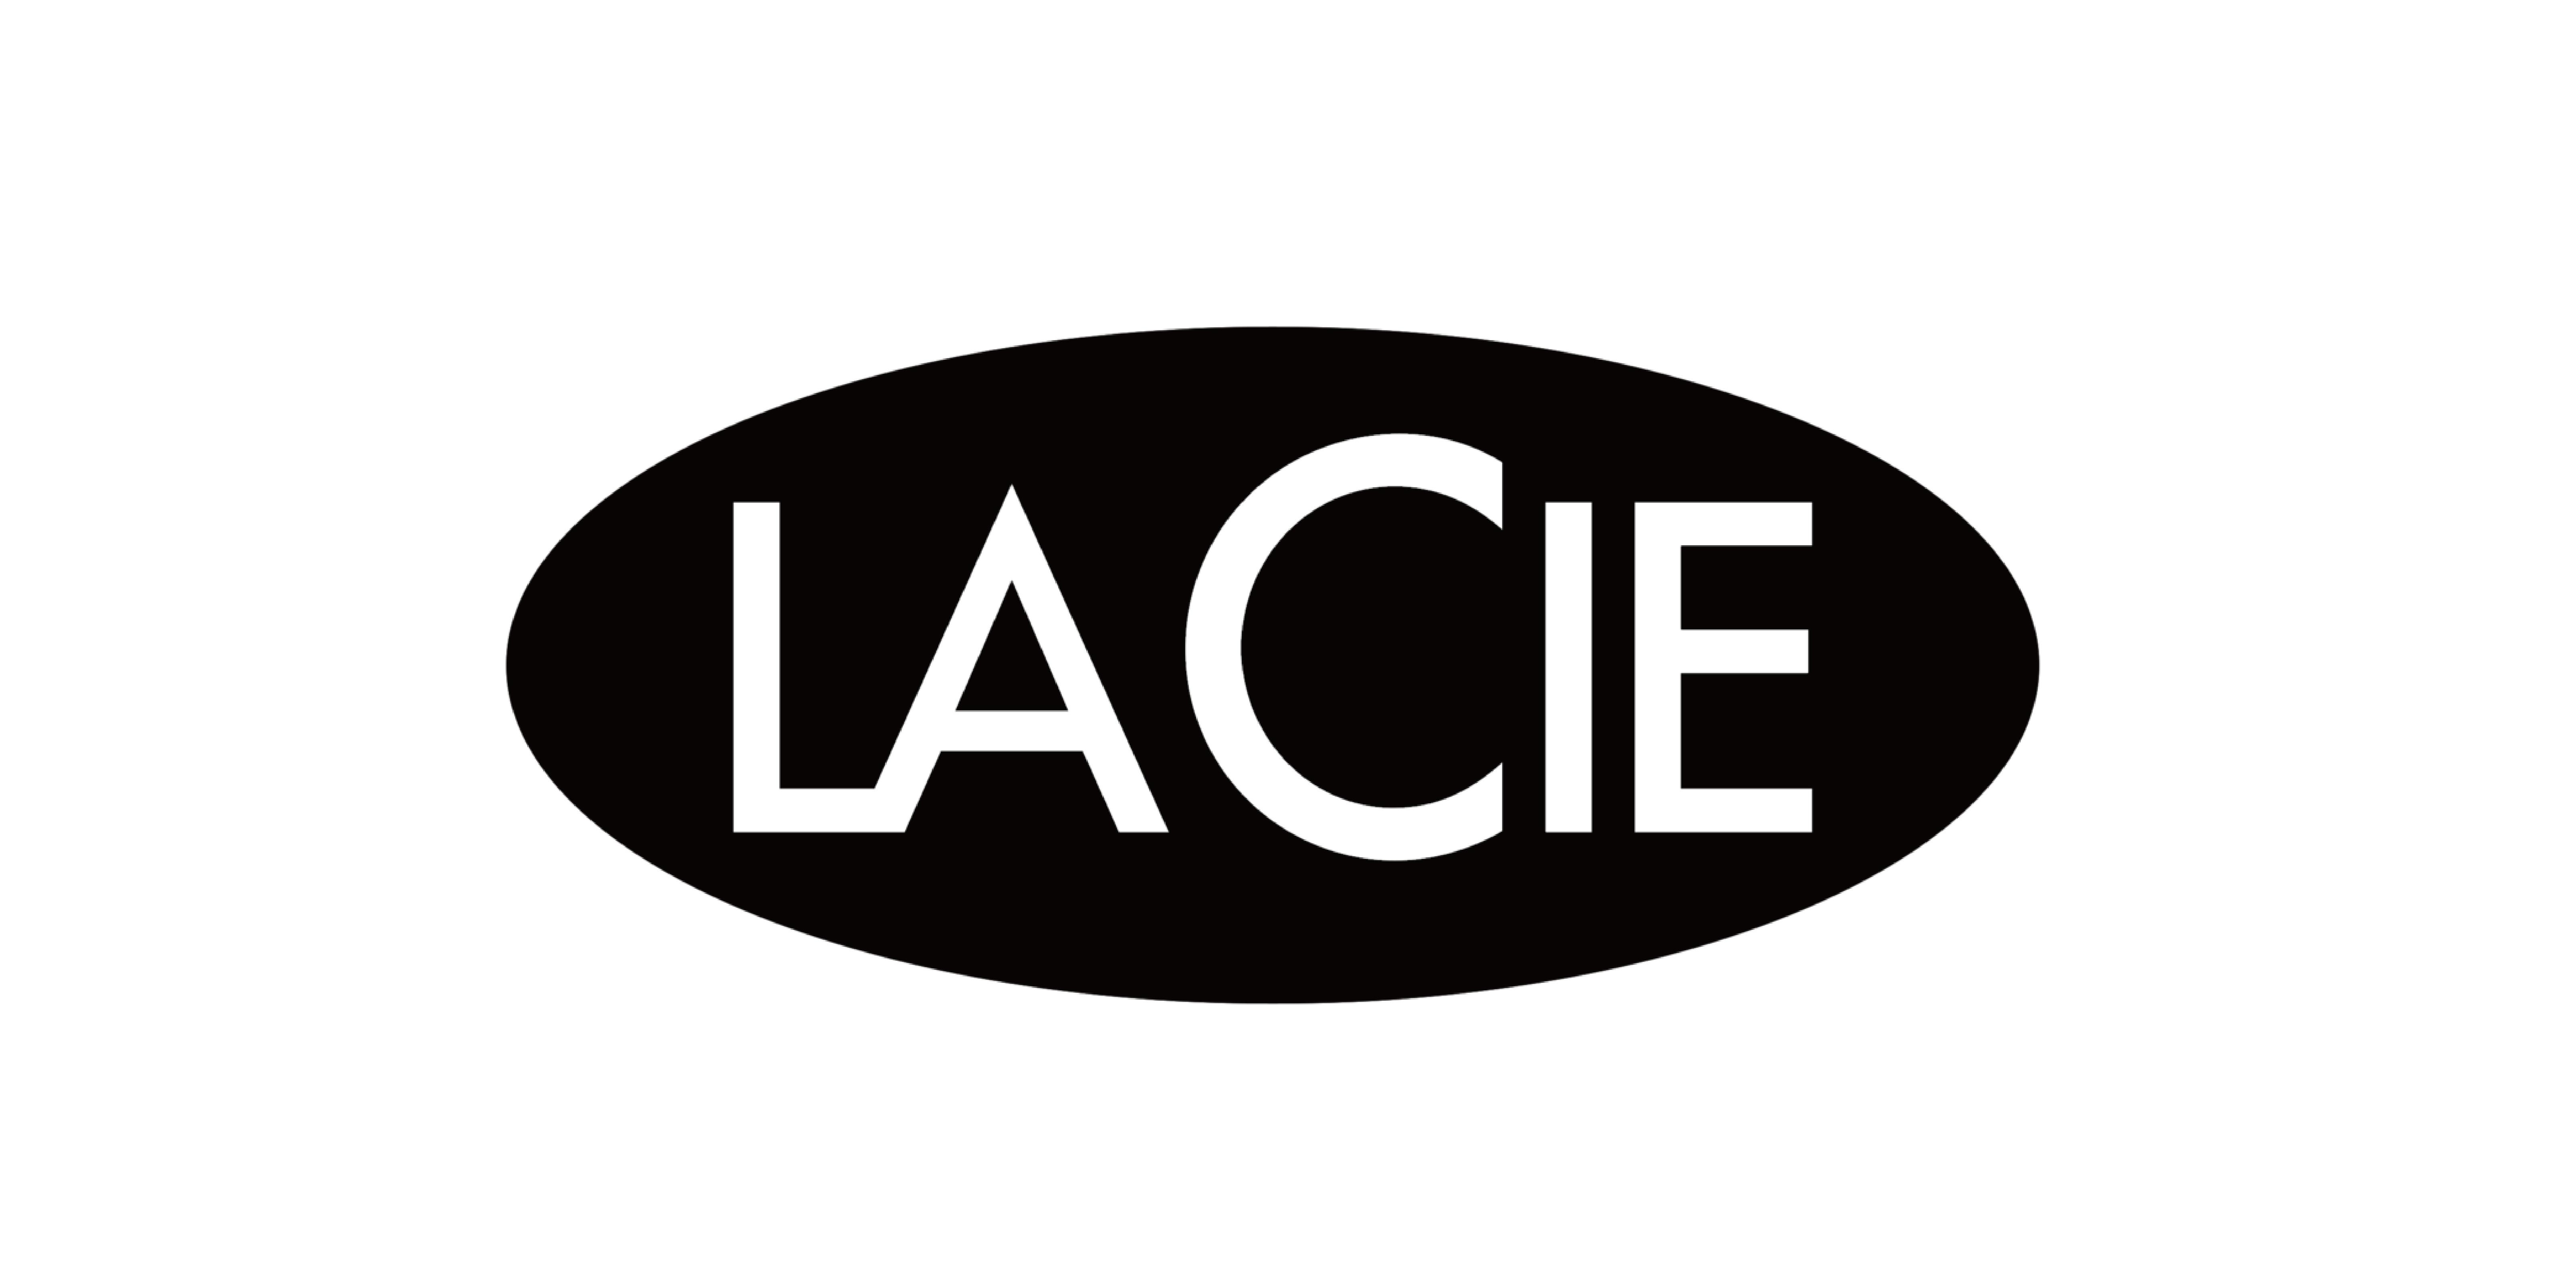 lacie_logo_工作區域 1